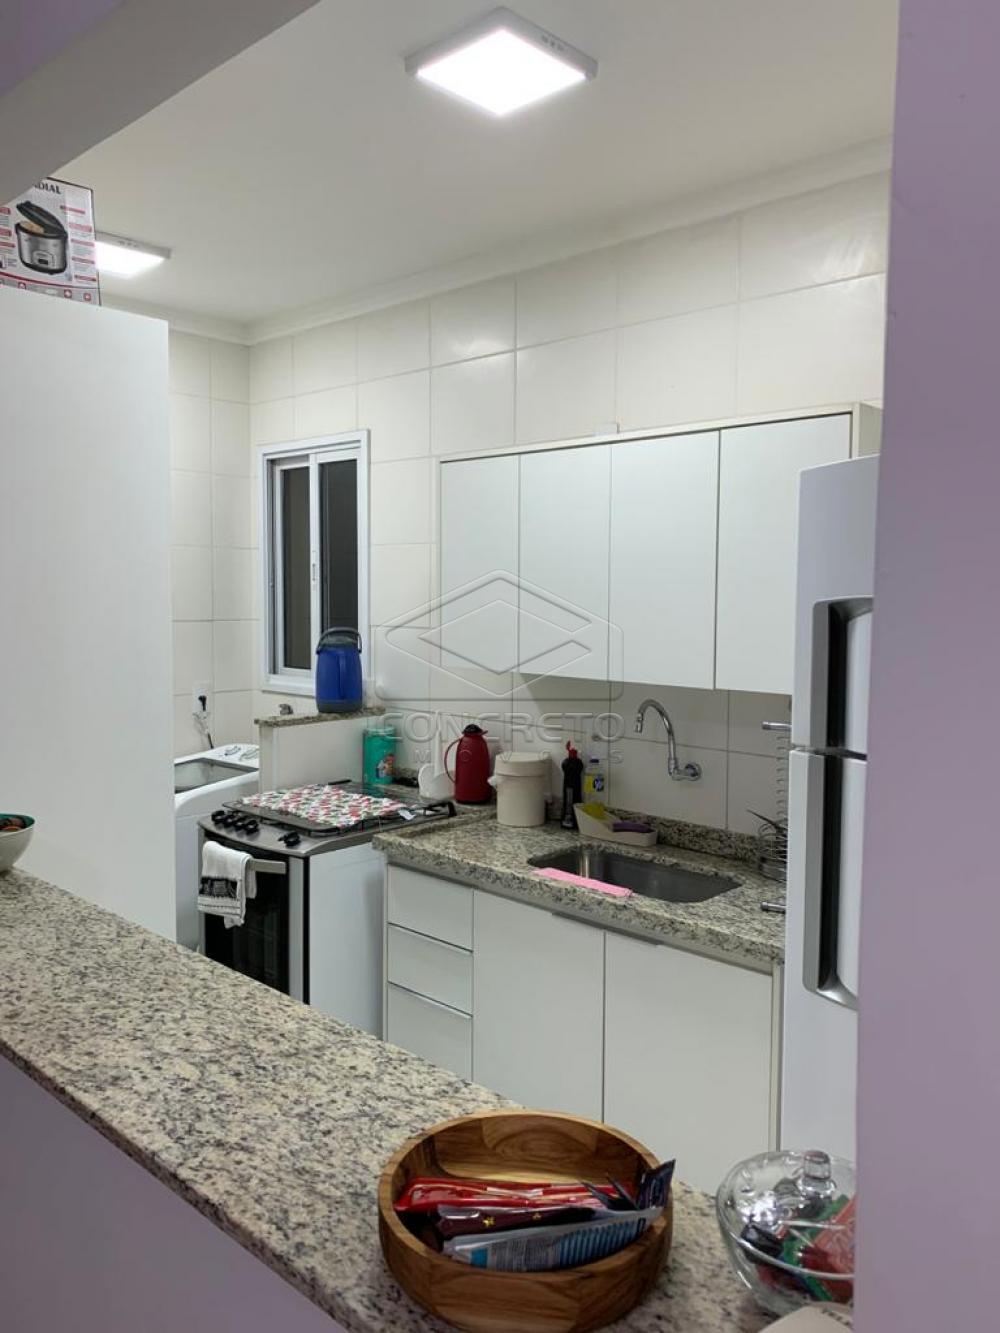 Comprar Apartamento / Padrão em Bauru R$ 280.000,00 - Foto 17